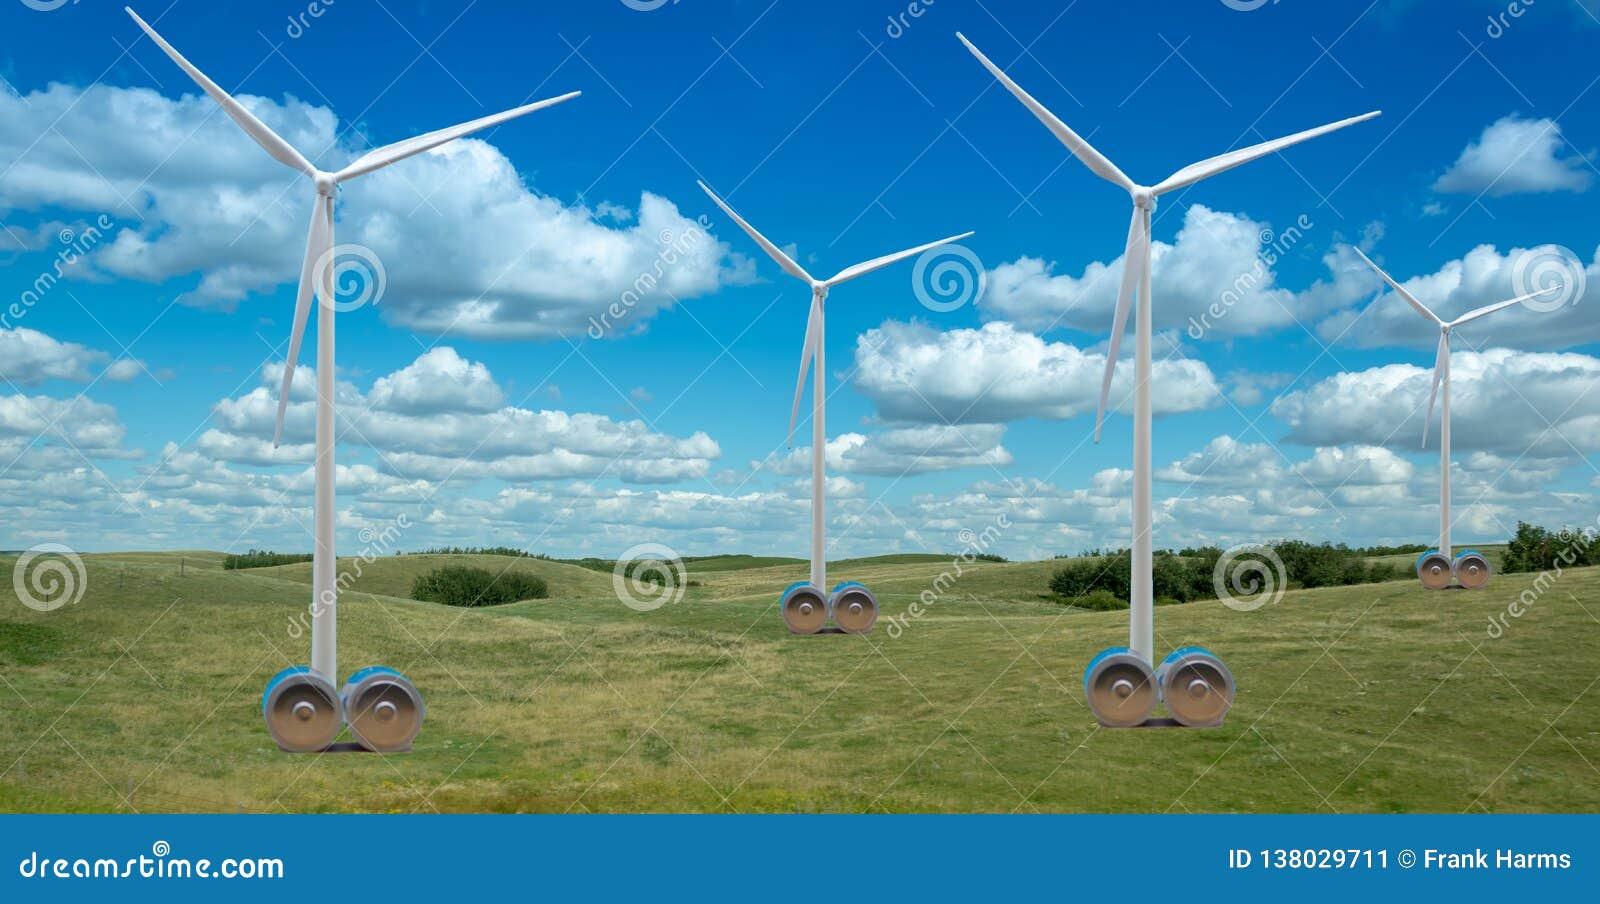 Turbines de vent dans la belle campagne avec les batteries énormes